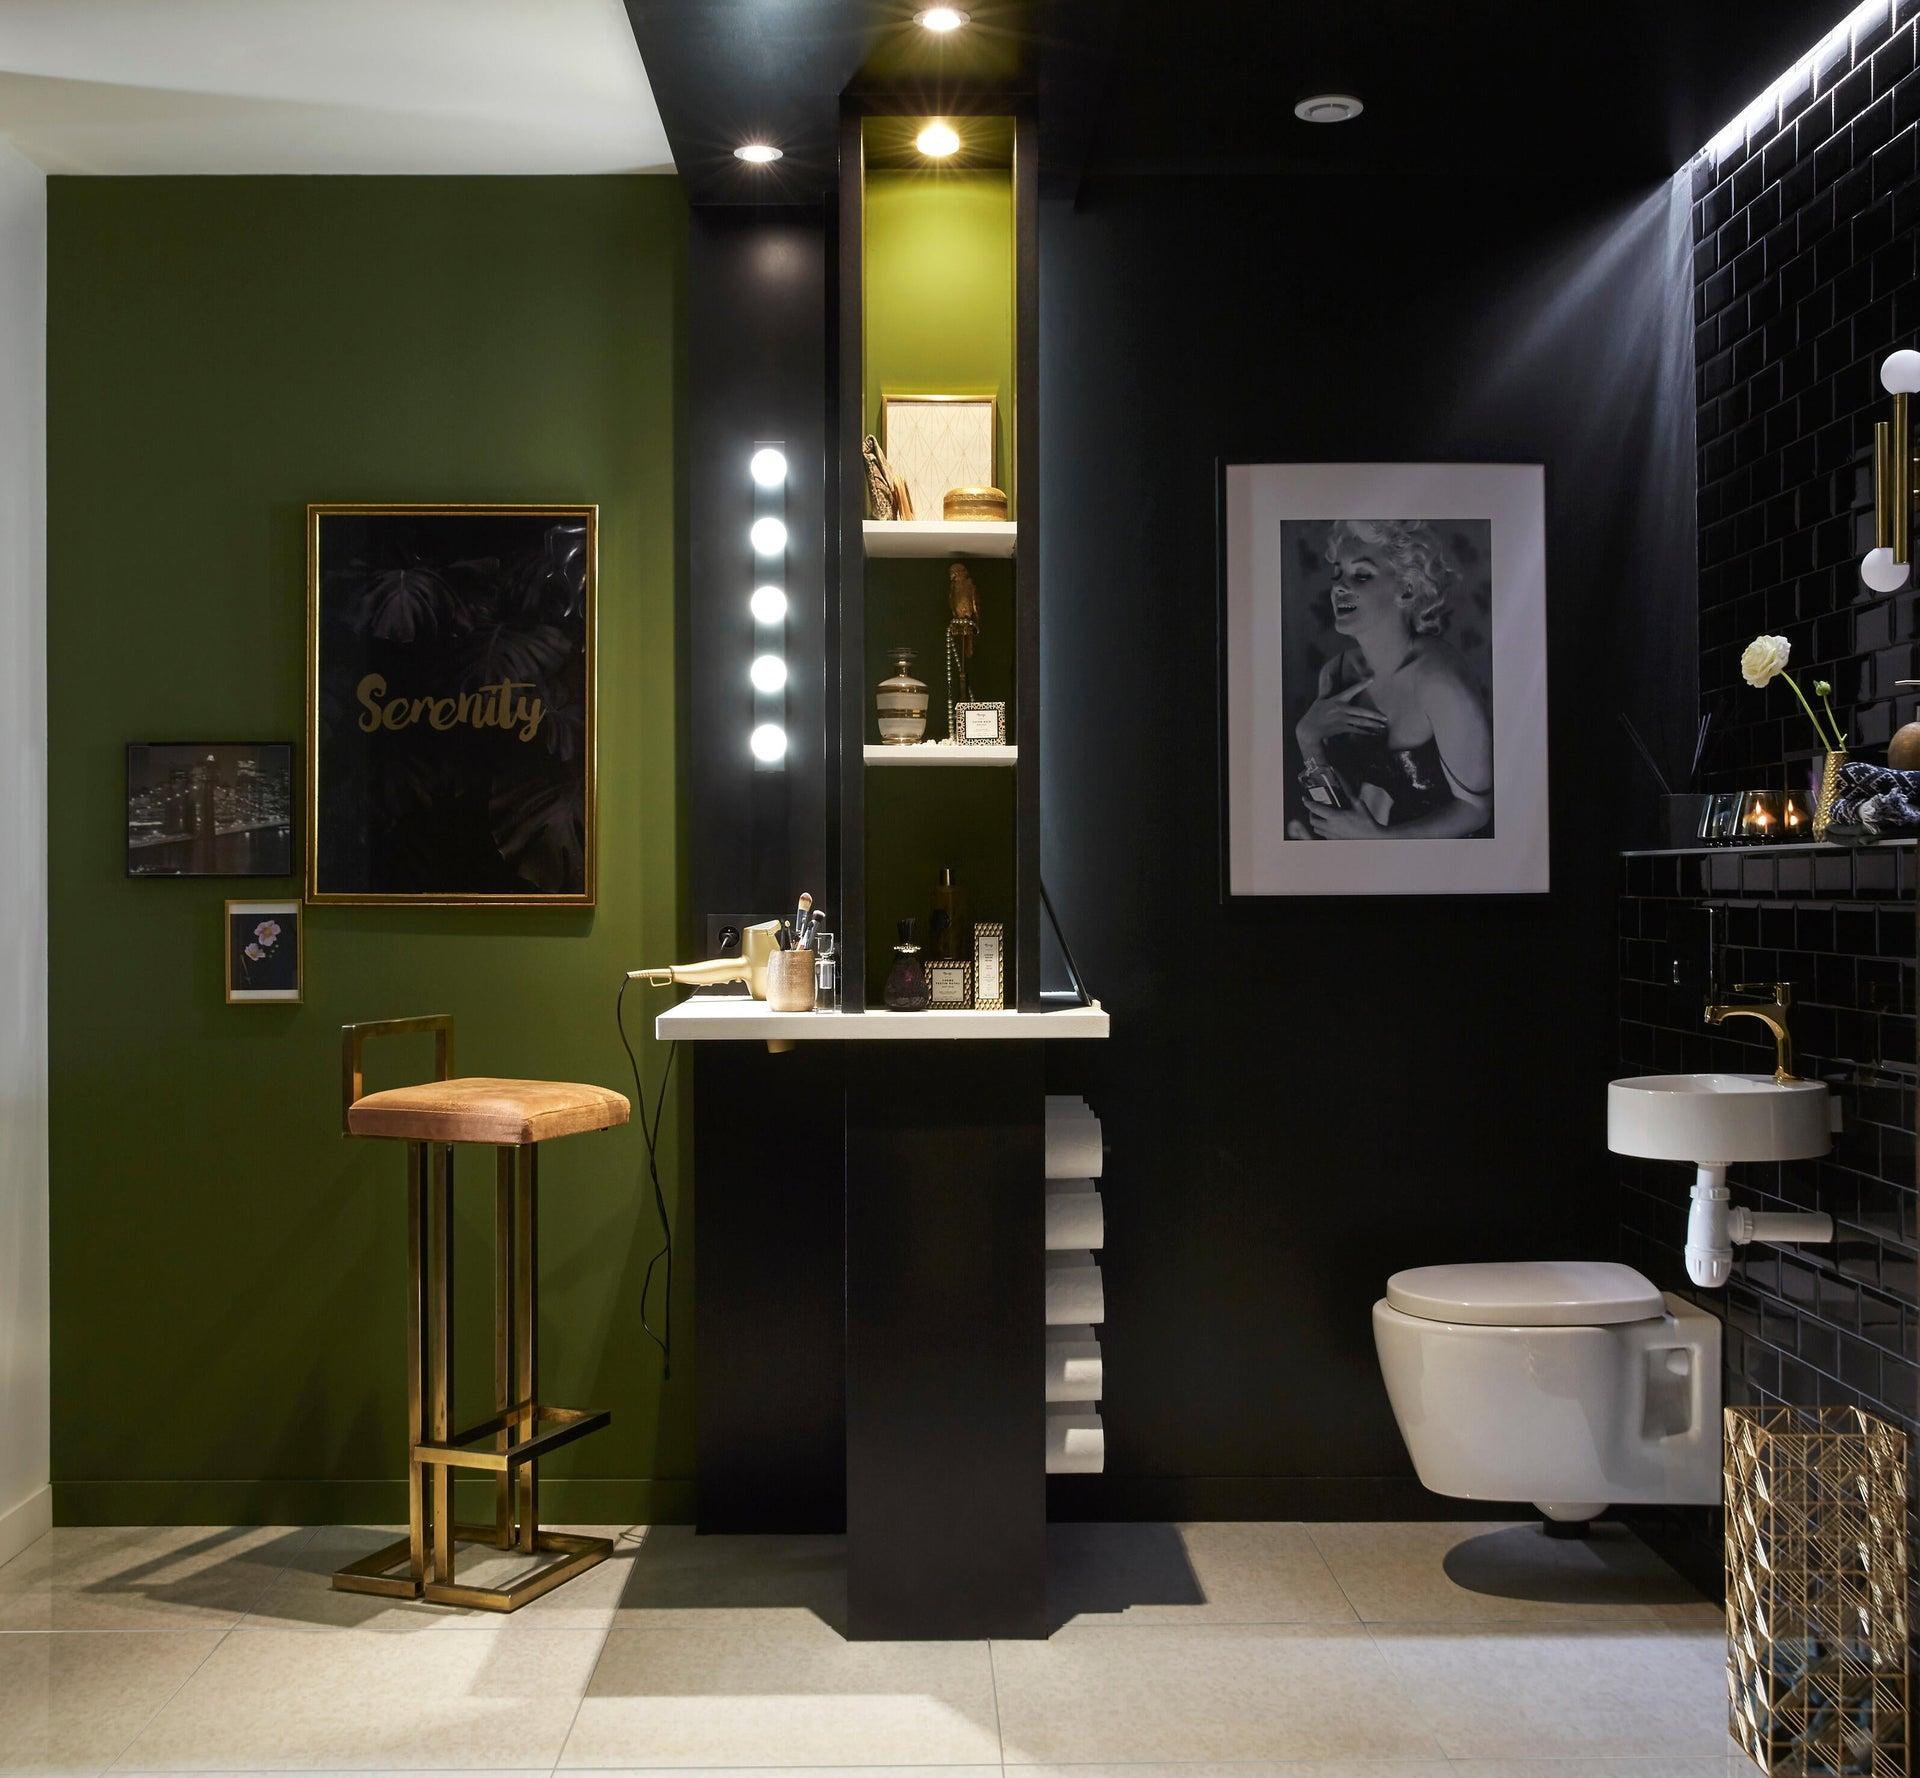 Applique moderno Smila LED integrato nero, in metallo, 60x60 cm, 5 luci INSPIRE - 7